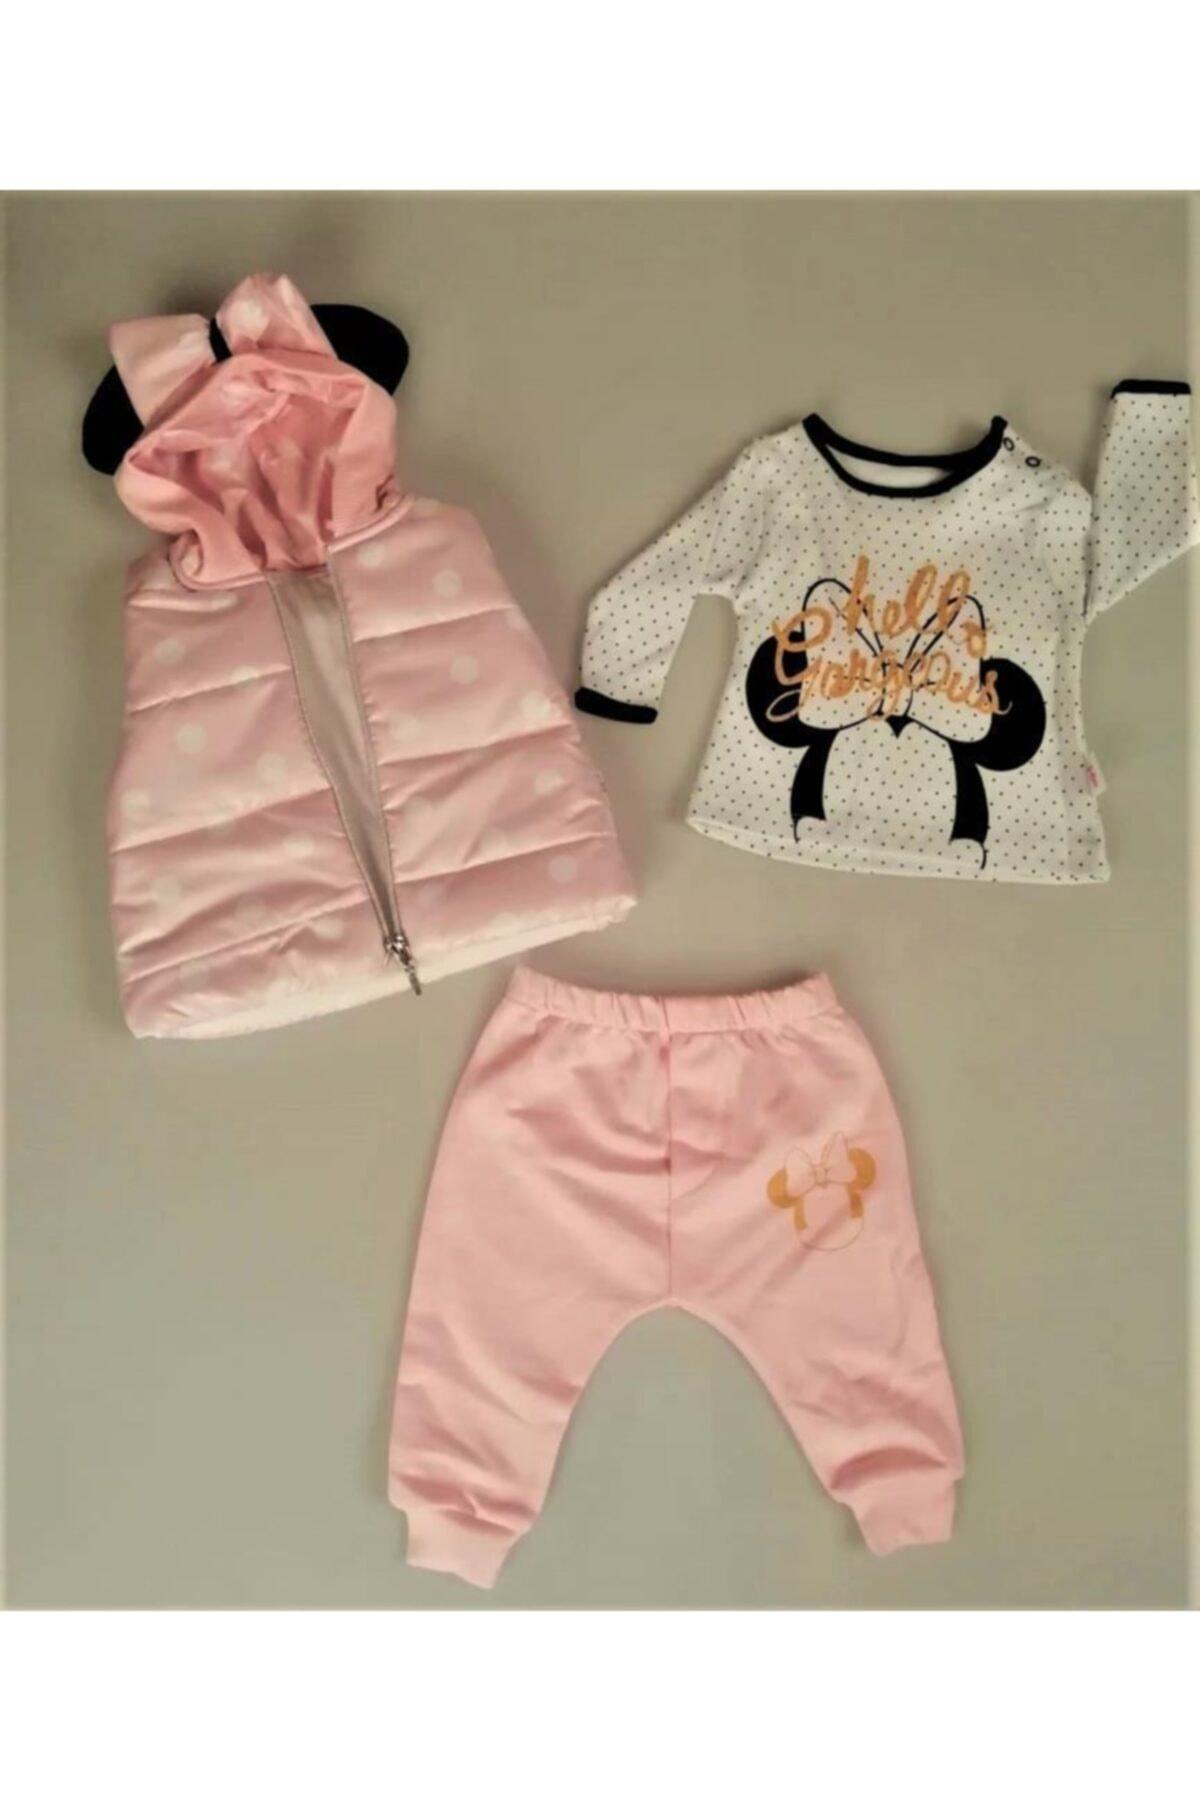 Hippıl Baby Yeni Sezon Kız Bebek Çocuk Kapüşonlu Yelekli Hello Desen Badili 3 Parça Takım-0313 1